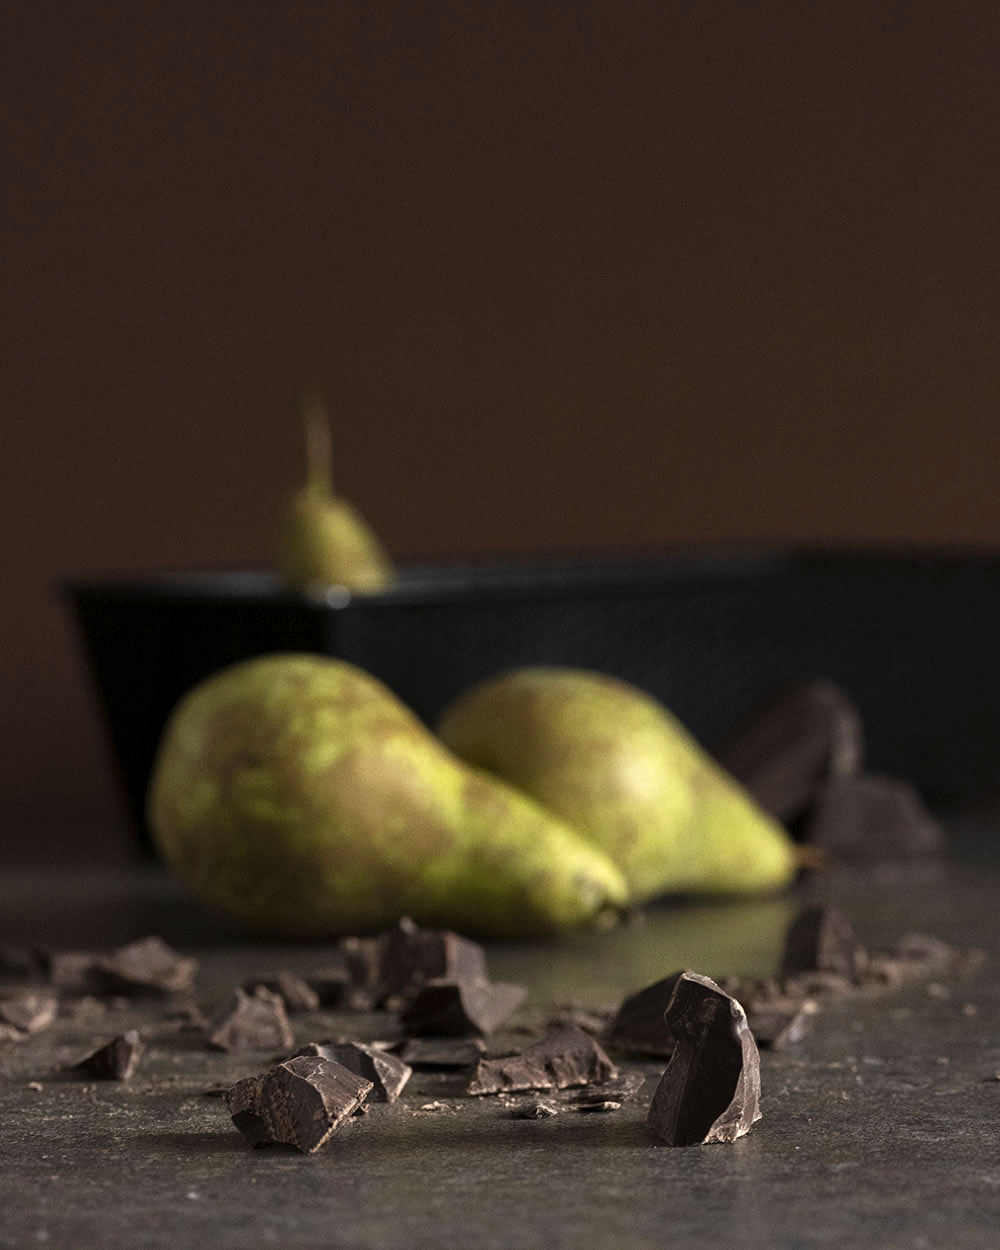 Frische Birnen und Schokolade für Schokokuchen mit Birnen